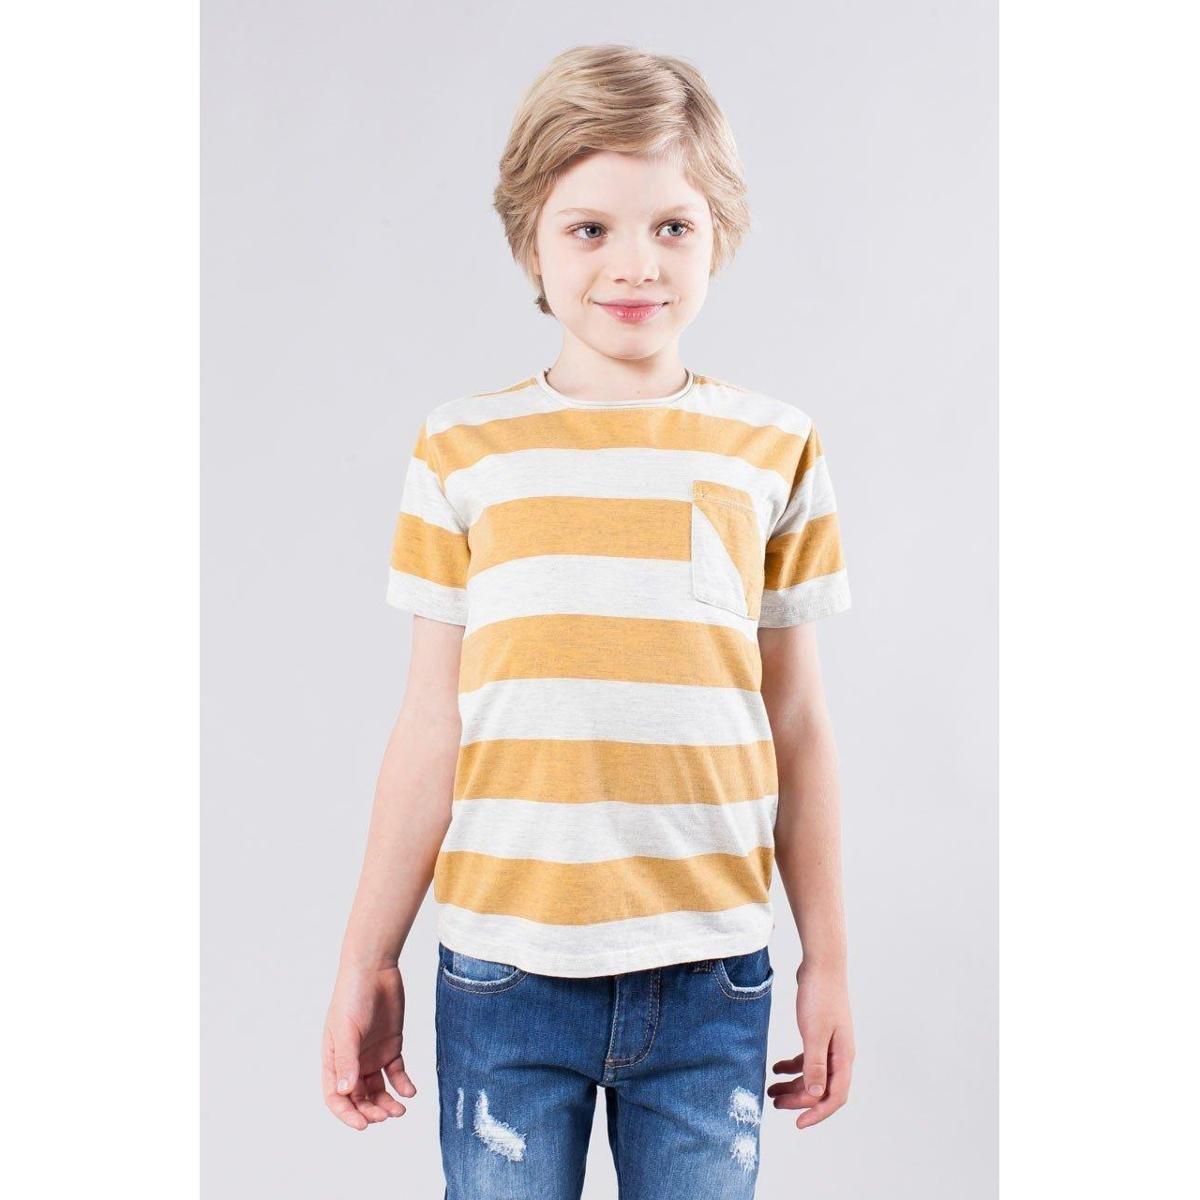 3f8e2fc998 Camiseta Infantil Listrao Reserva Mini Masculina - Branco e Amarelo - Compre  Agora